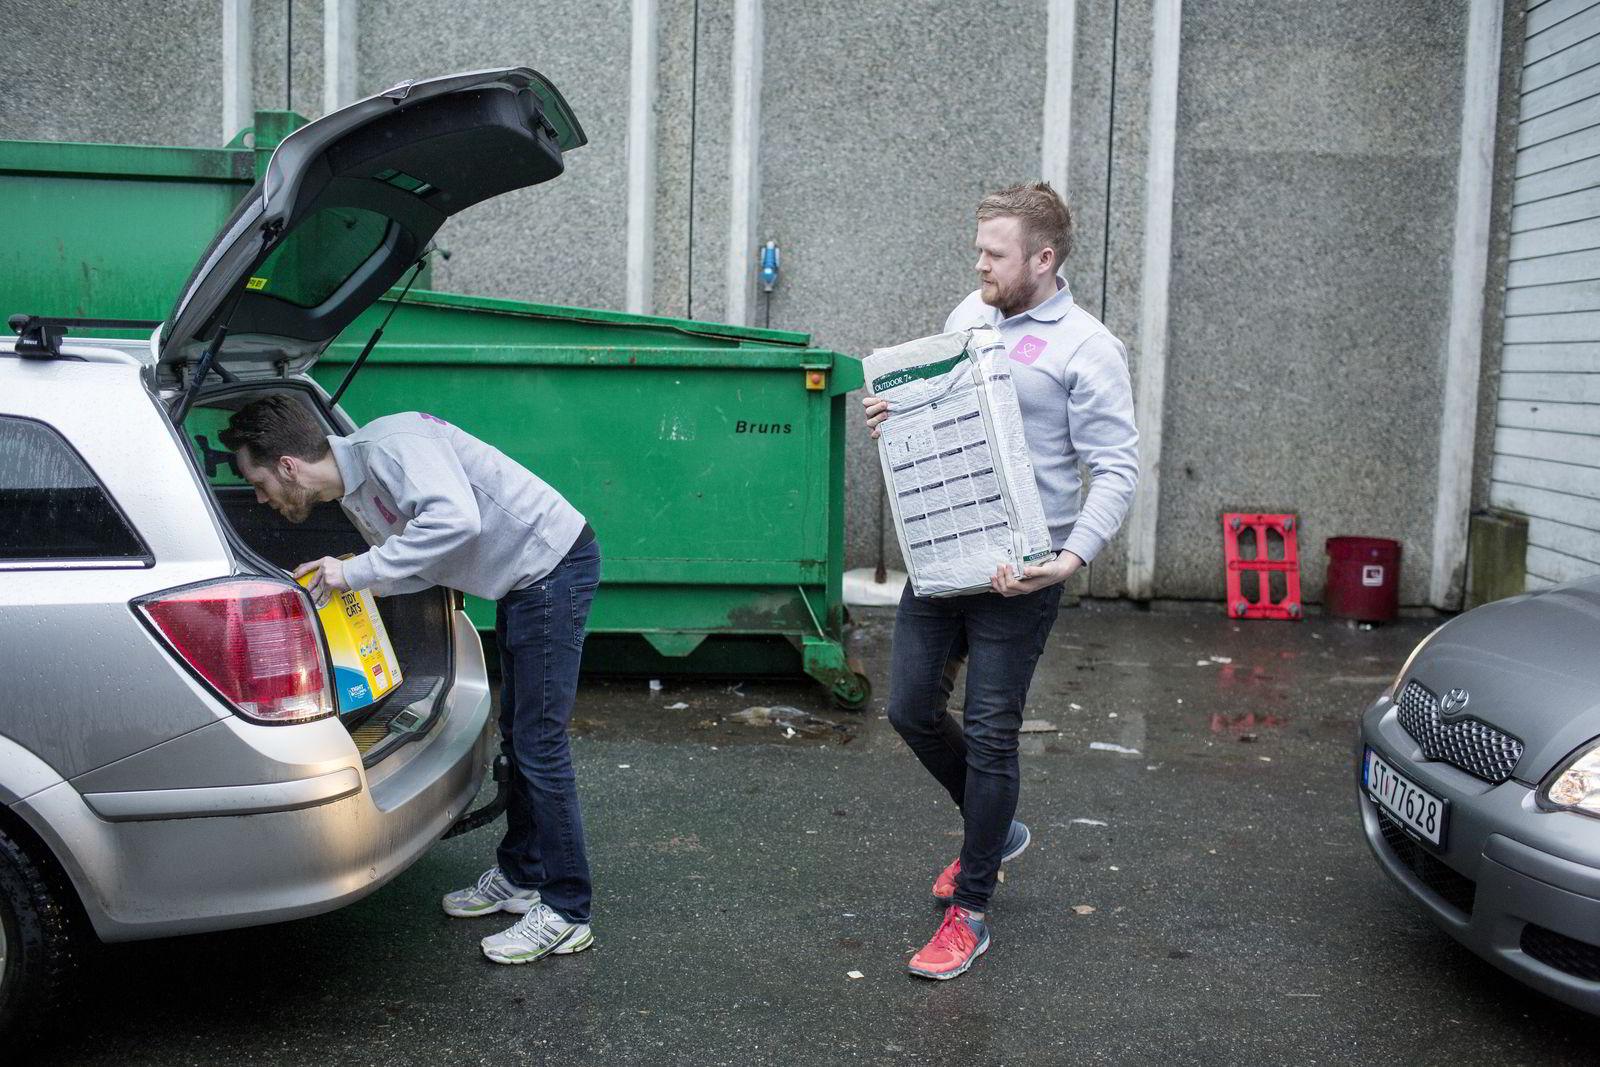 Øyvind Eriksen (til venstre) og Erik Høsteland Åland fyller to personbiler med varer før ettermiddagens levering.